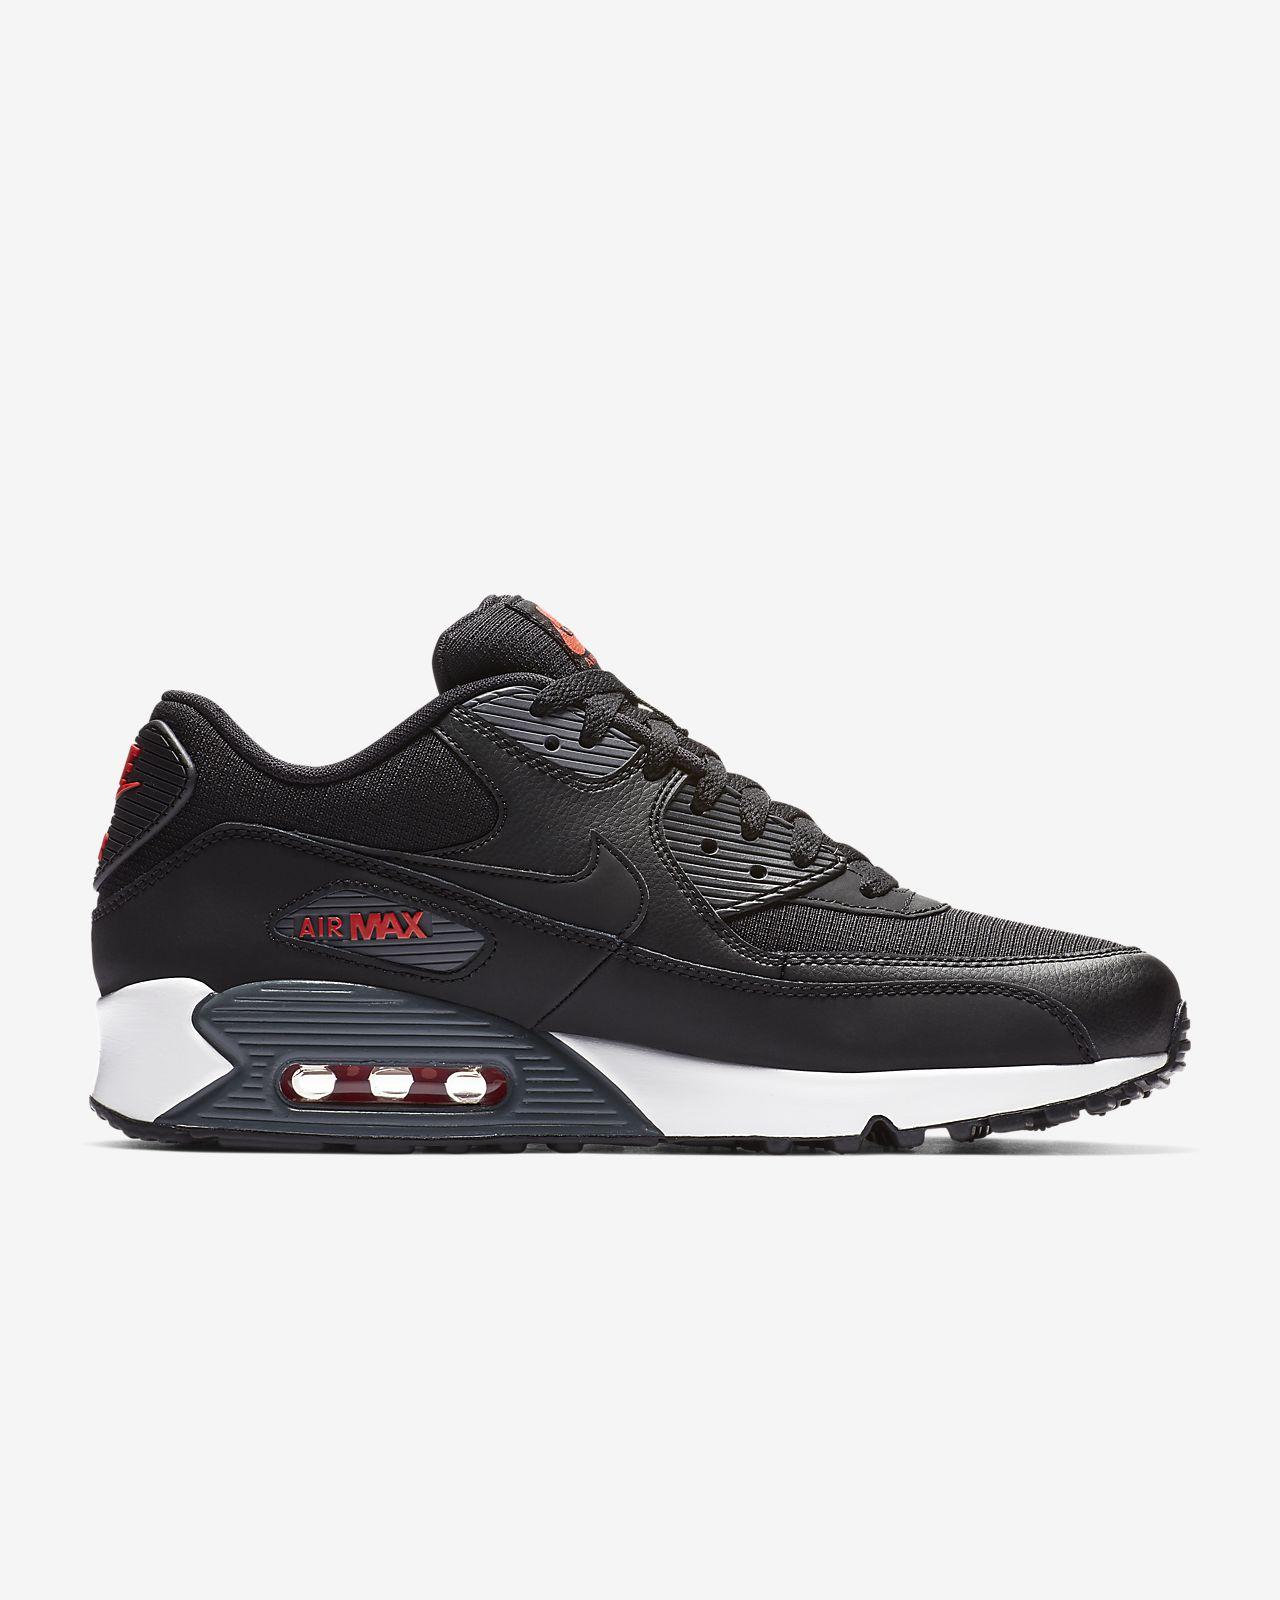 in stock 06c8f 7cd77 ... Nike Air Max 90 SE Men s Shoe